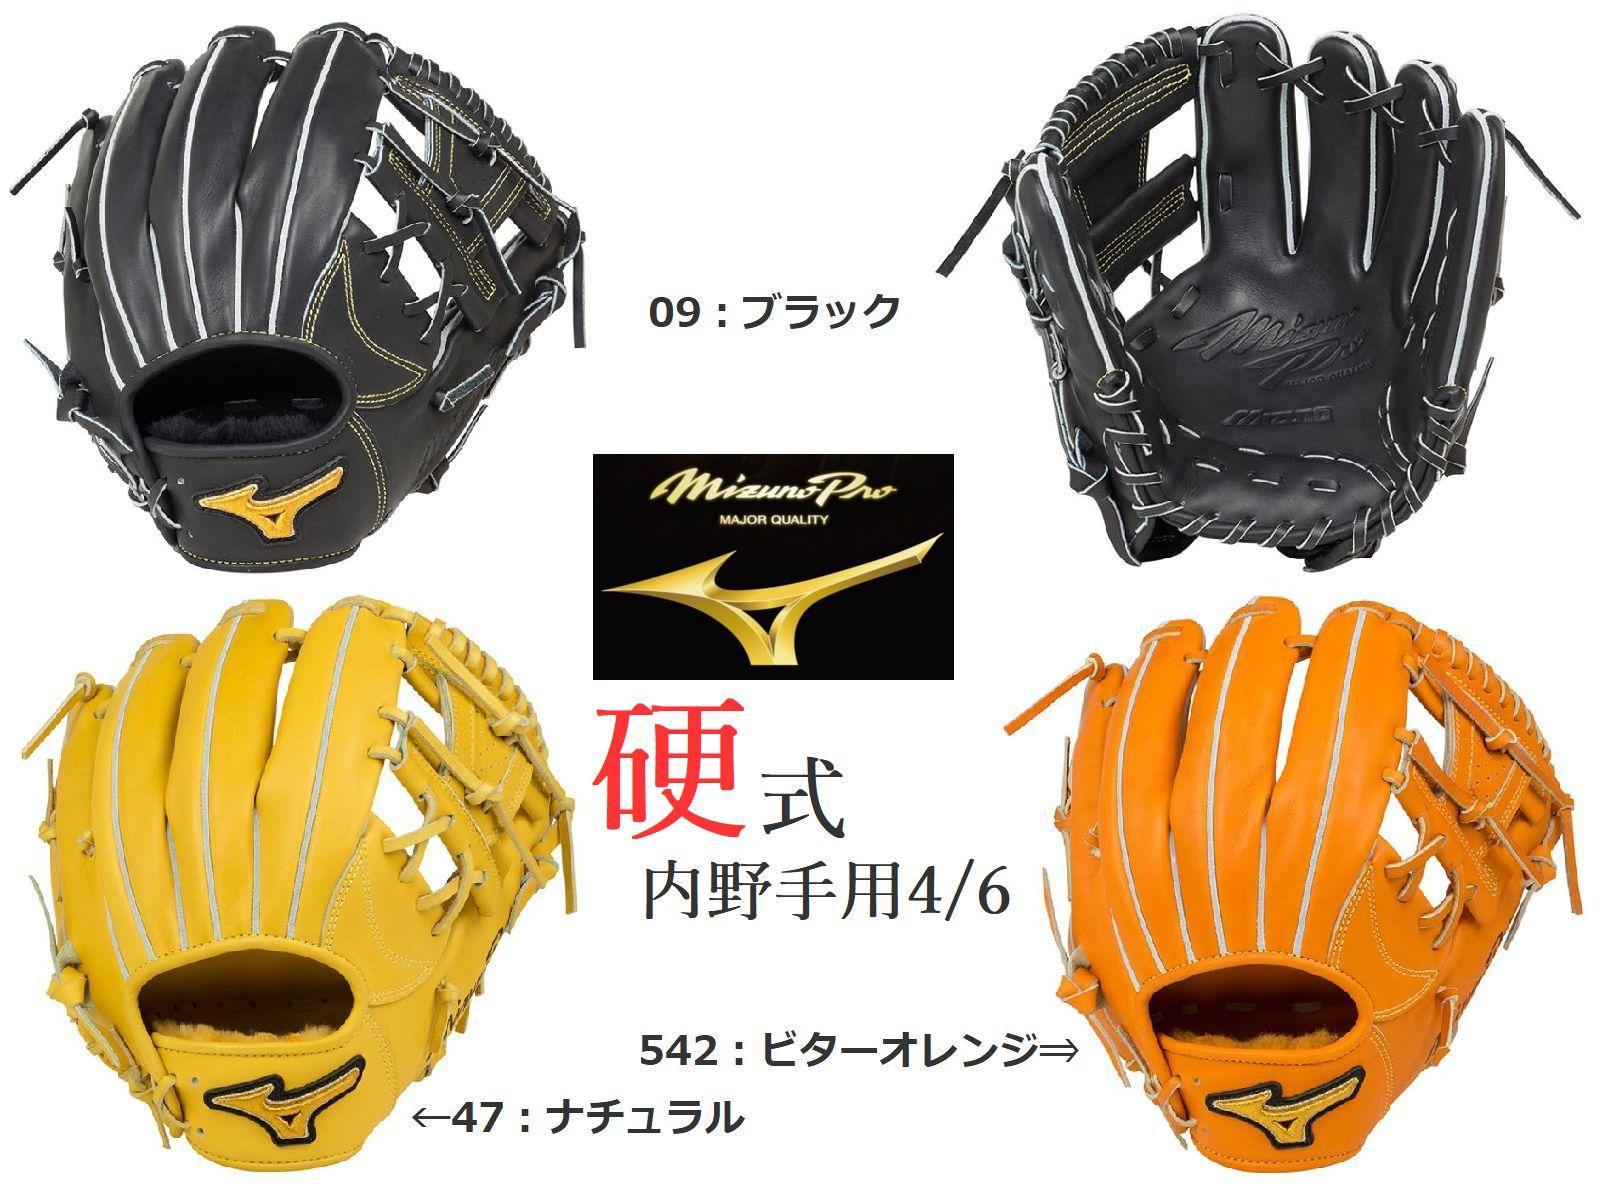 【Mizuno Pro=ミズノプロ】野球 一般 硬式用 グラブ グローブ<フィンガーコアテクノロジー【内野手用2 4/6(二塁手・遊撃手向)】【ジェネラルキップレザー】>[ポケット正面タイプ](サイズ:9)<ナチュラル/ビターオレンジ/ブラック>(右投用)